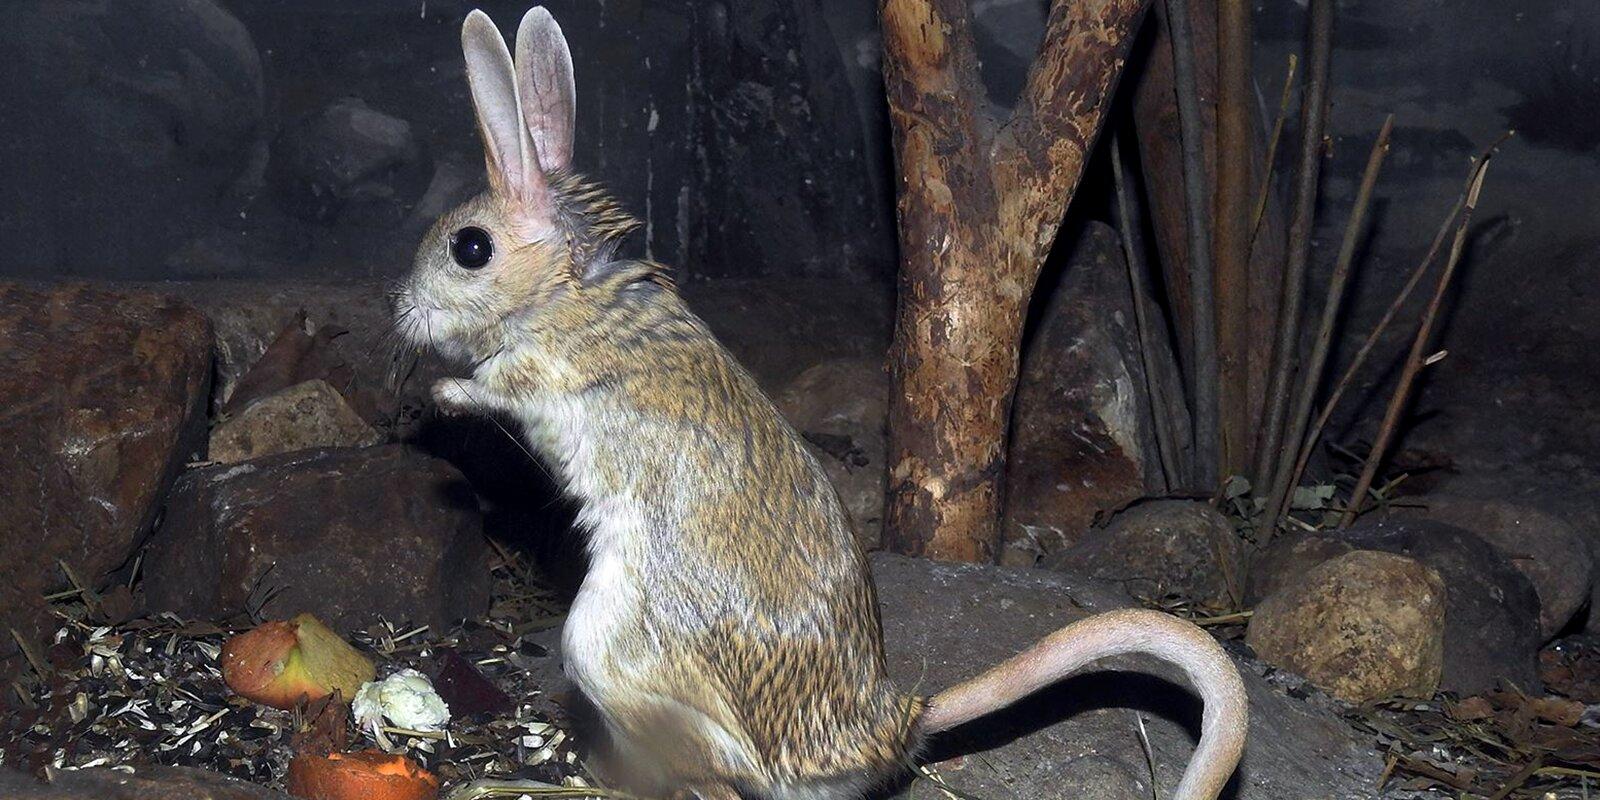 Хранители снов: как в Московском зоопарке ухаживают за животными в спячке